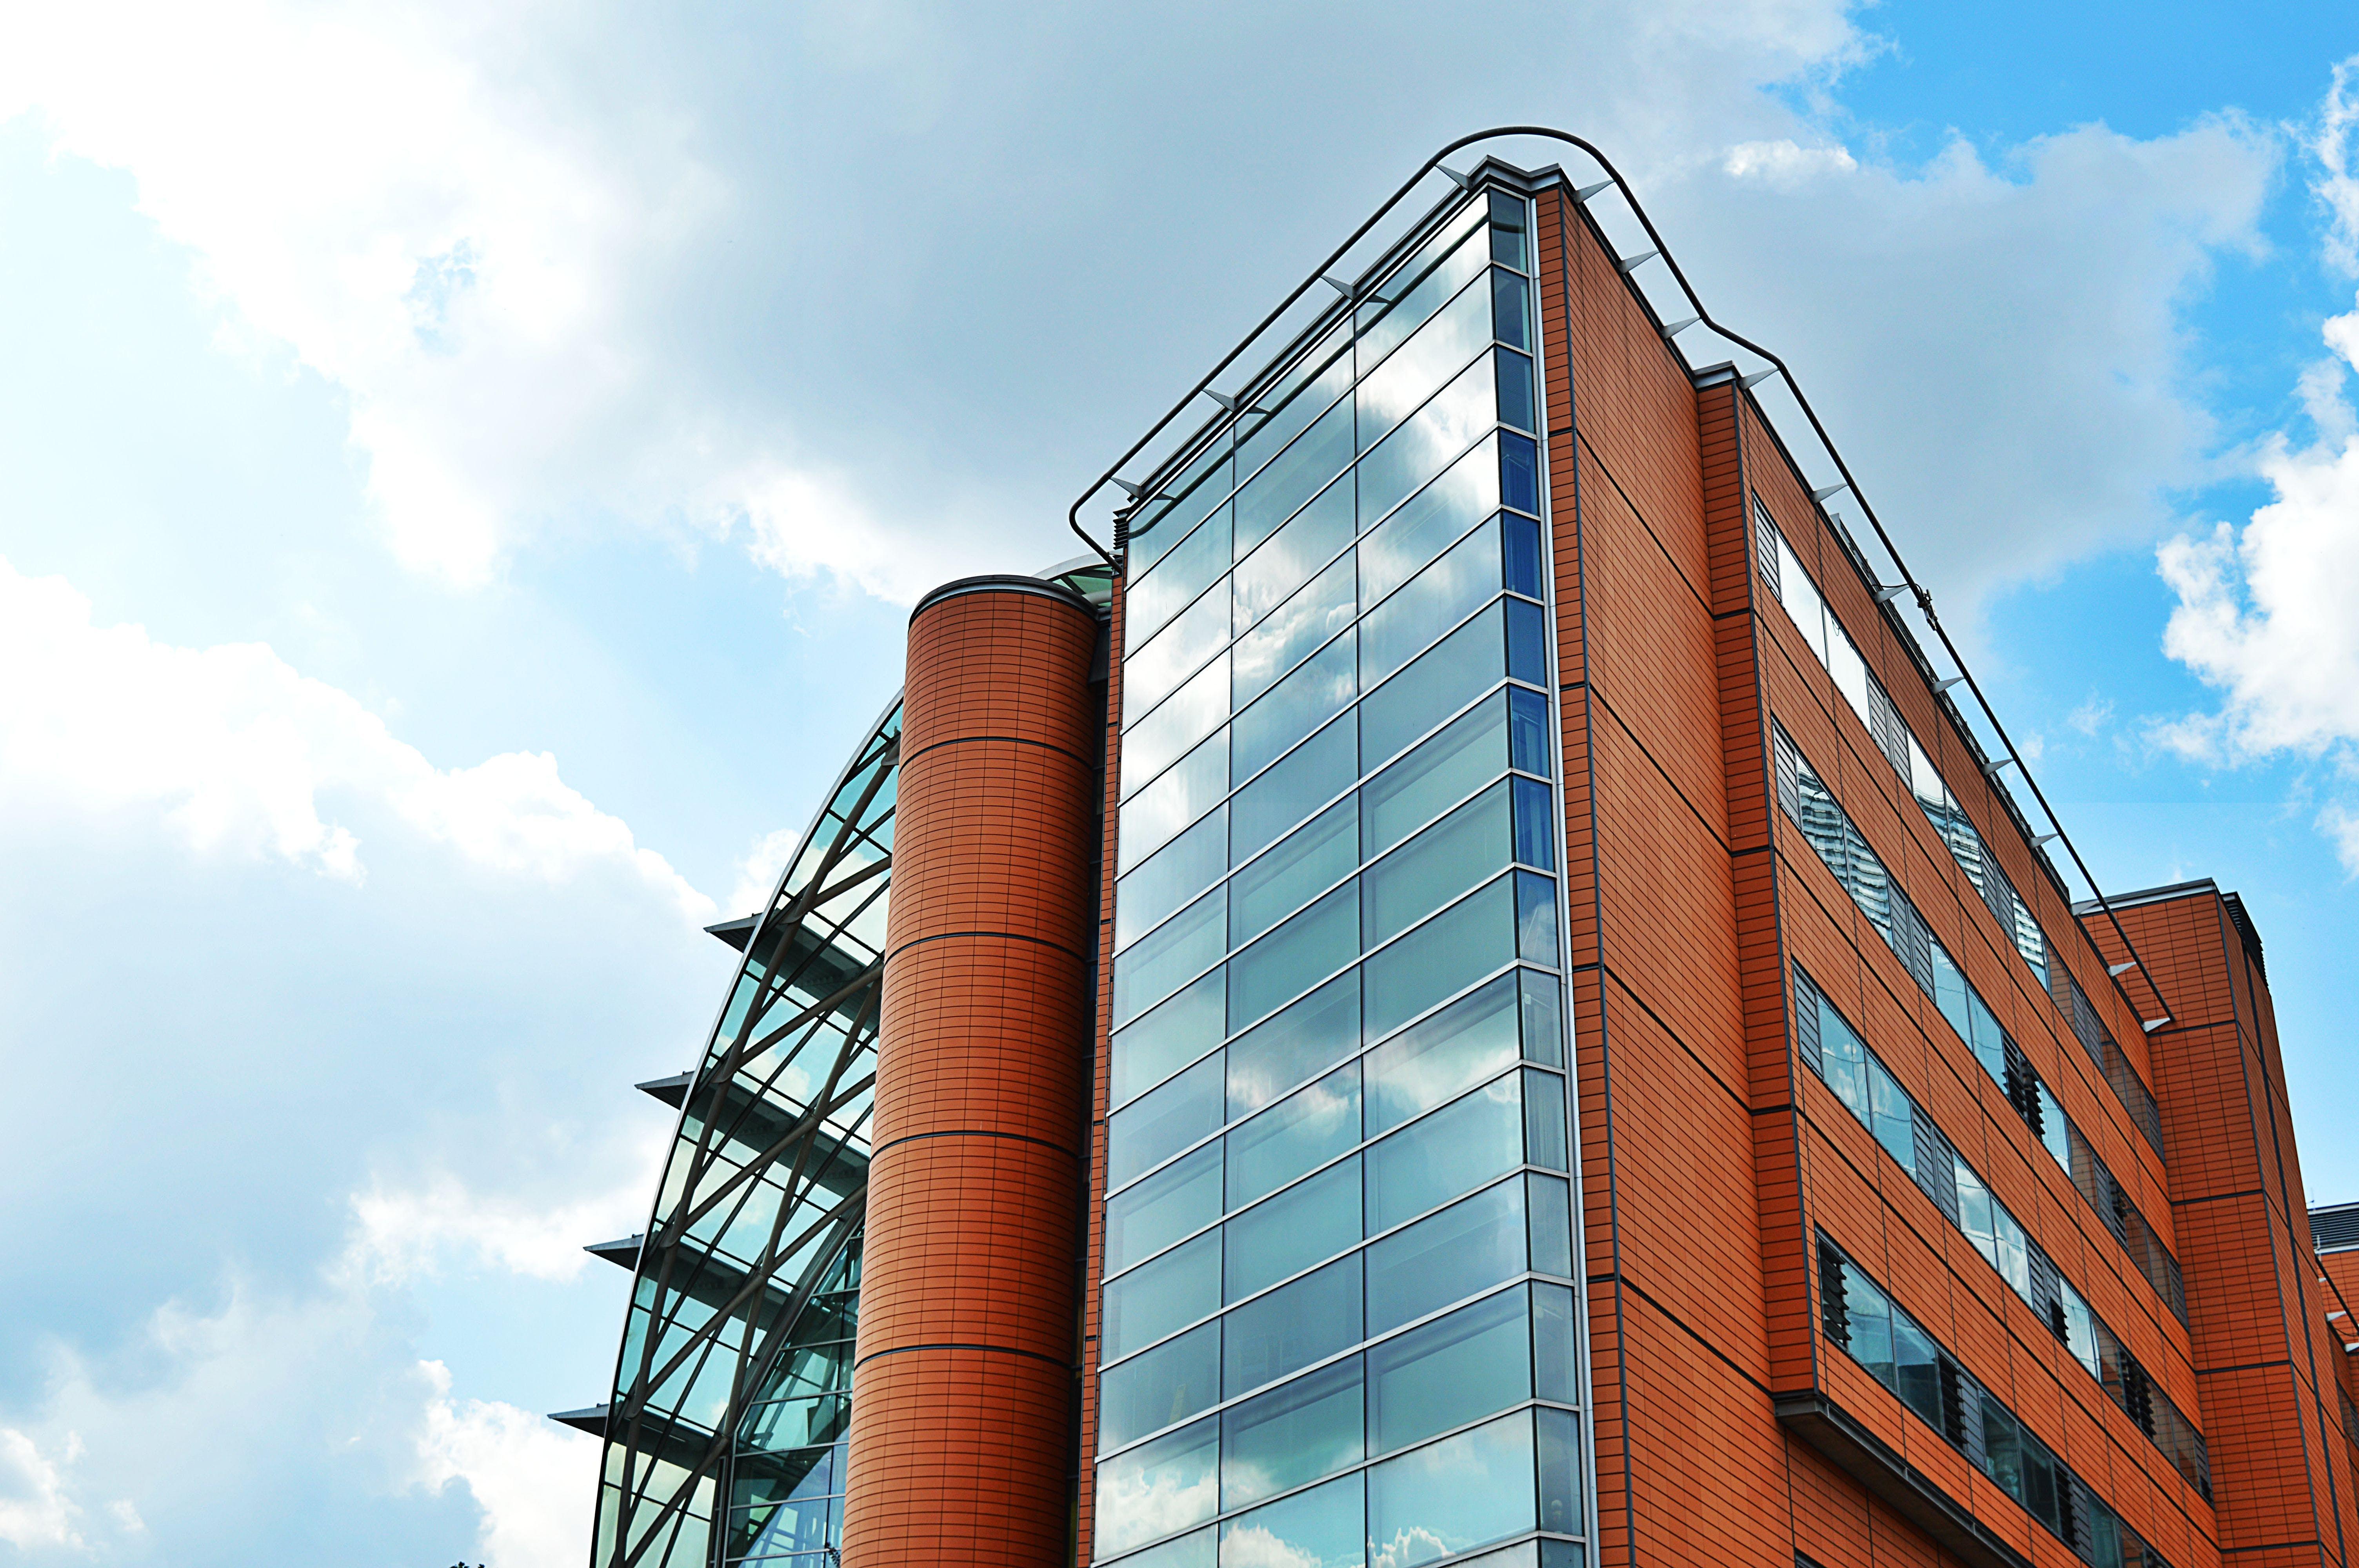 bardak, bina, bulutlar, cam eşyalar içeren Ücretsiz stok fotoğraf